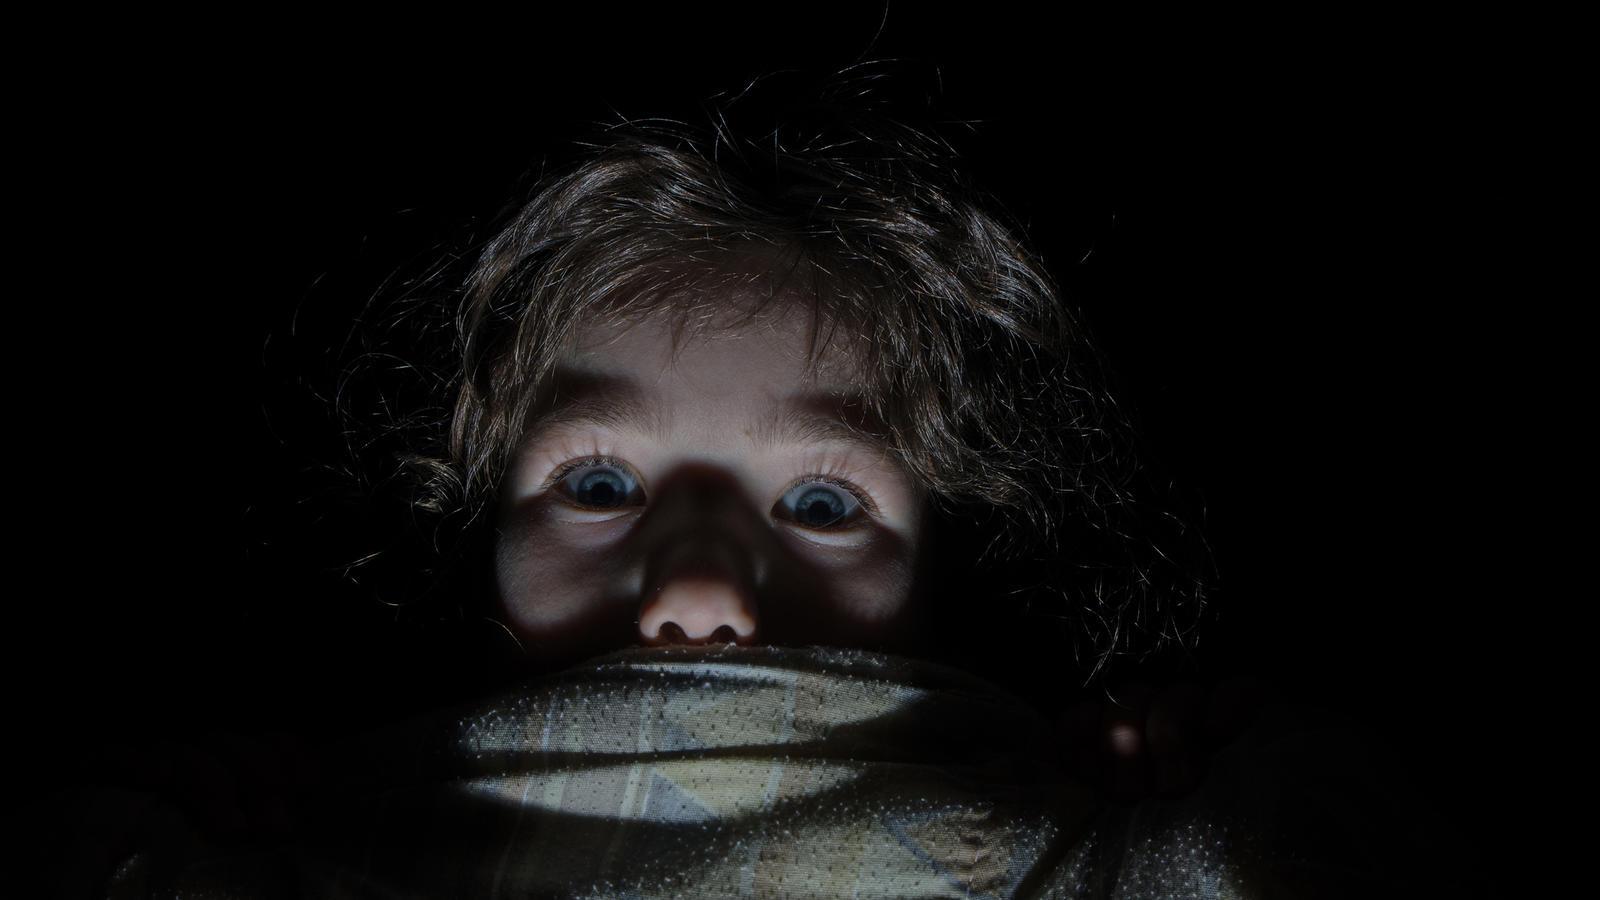 baby schreckt im schlaf auf